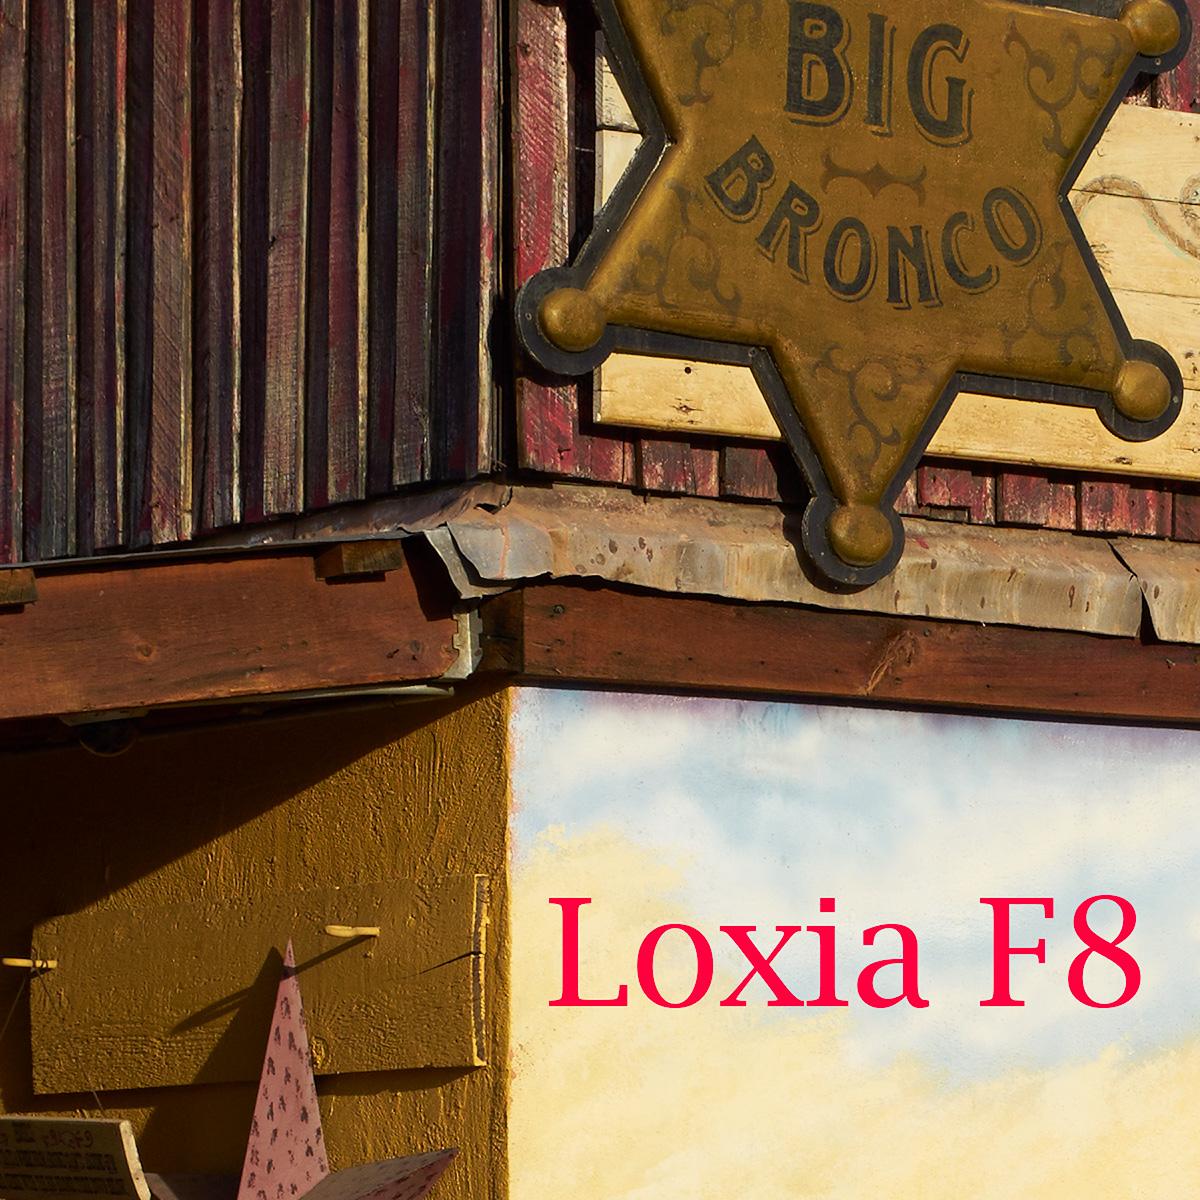 Loxia Crop by Guy Mancuso in Bob Freund